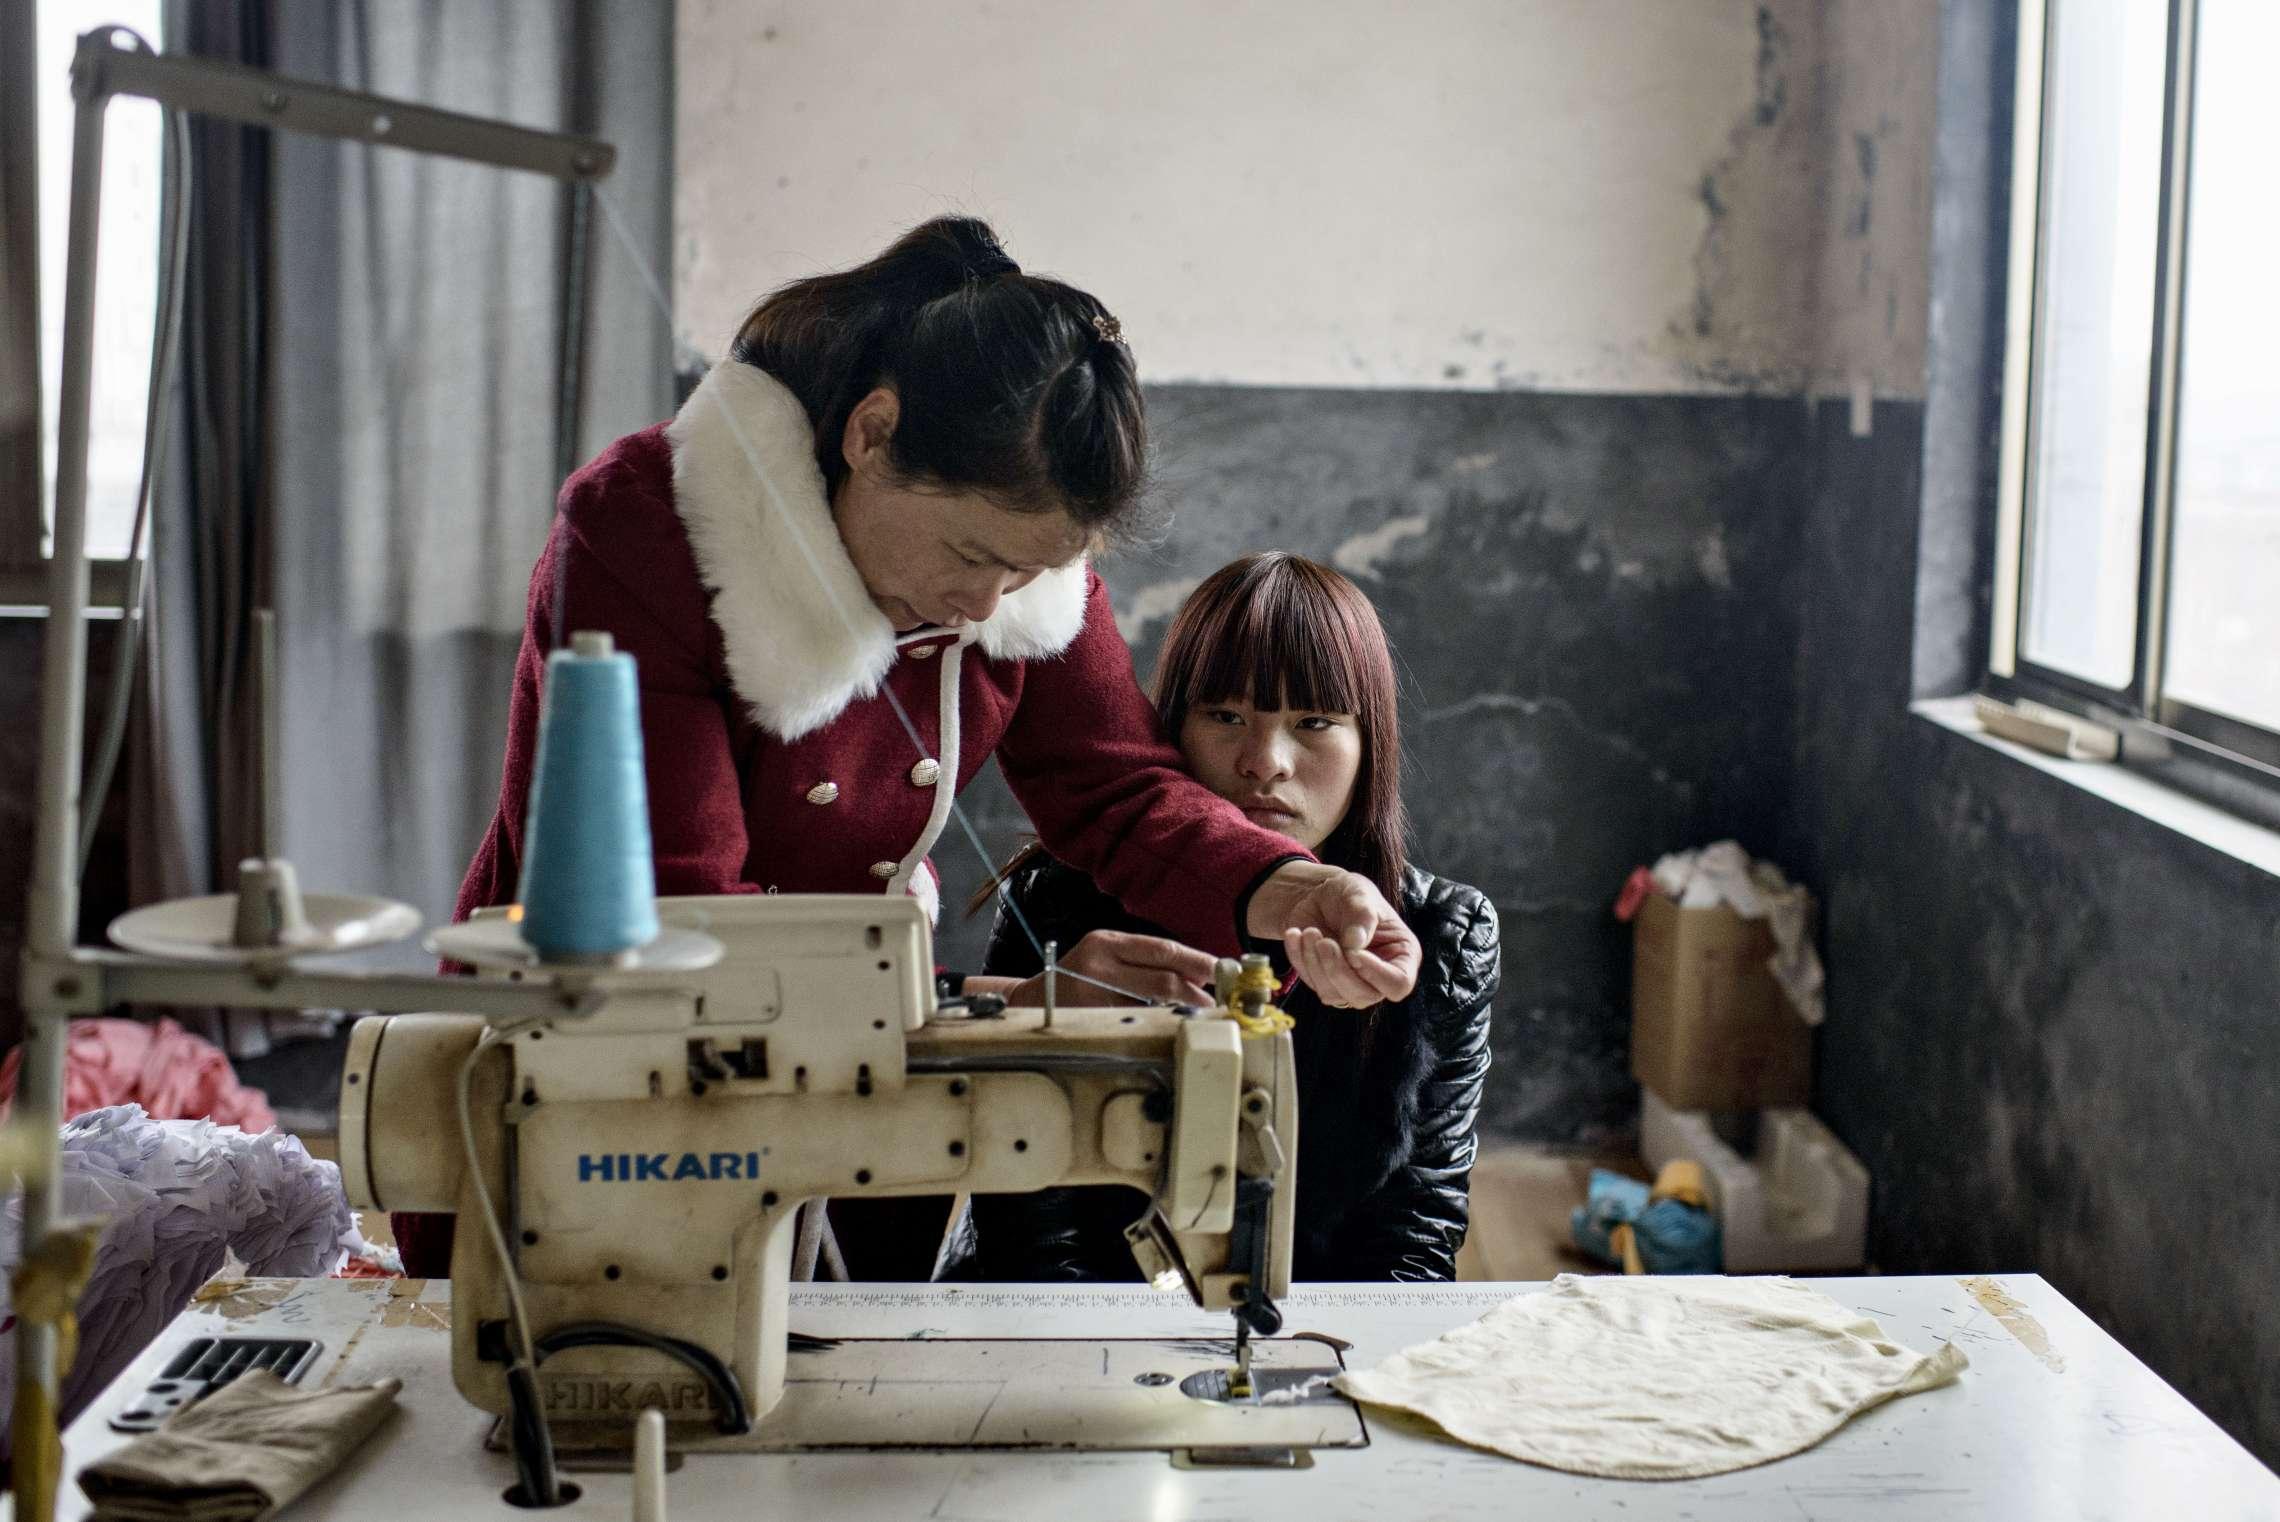 PK-nr: 10968Kategori: 8, dokumentar utland Dato: 19.03.2015Tittel: Hun reiser i morgenHovedtekst: Siden 1978 har Kina opplevd den største folkevandringen i verdenshistorien. Nærmere 160 millioner kinesere har reist fra lutfattige landsbyer for å finne arbeid i byene. I fjellandsbyen Hangsha i Hunan provinsen, står Rong Shi Yu (14) på klippen sammen med barndomsvenninnene sine, hånd i hånd på høye hæler, mens de blåser rosa bobler. De synger om gutter de ennå ikke vet hvem er, som skal gjøre dem lykkelige, og kanskje velstående. De synger om å høre til her i Lu Dong-fjellene, men i morgen pakker de trillekoffertene, reiser fra alt de kjenner, mot kysten og storbyene. Der venter Kinas mest effektive fabrikker med ti kroner i timen, ti timer hver dag. Men der venter også mulighetene for økonomisk uavhengighet. Bildetekst: Til sist får Shi Yu Rong (15) jobb. Fra nå av vil hun jobbe over ni timer hver dag i en tøyfabrikk. Men først må moren lære henne hvordan hun bruker en symaskin. Drømmen hennes er en dag å bli frisør.